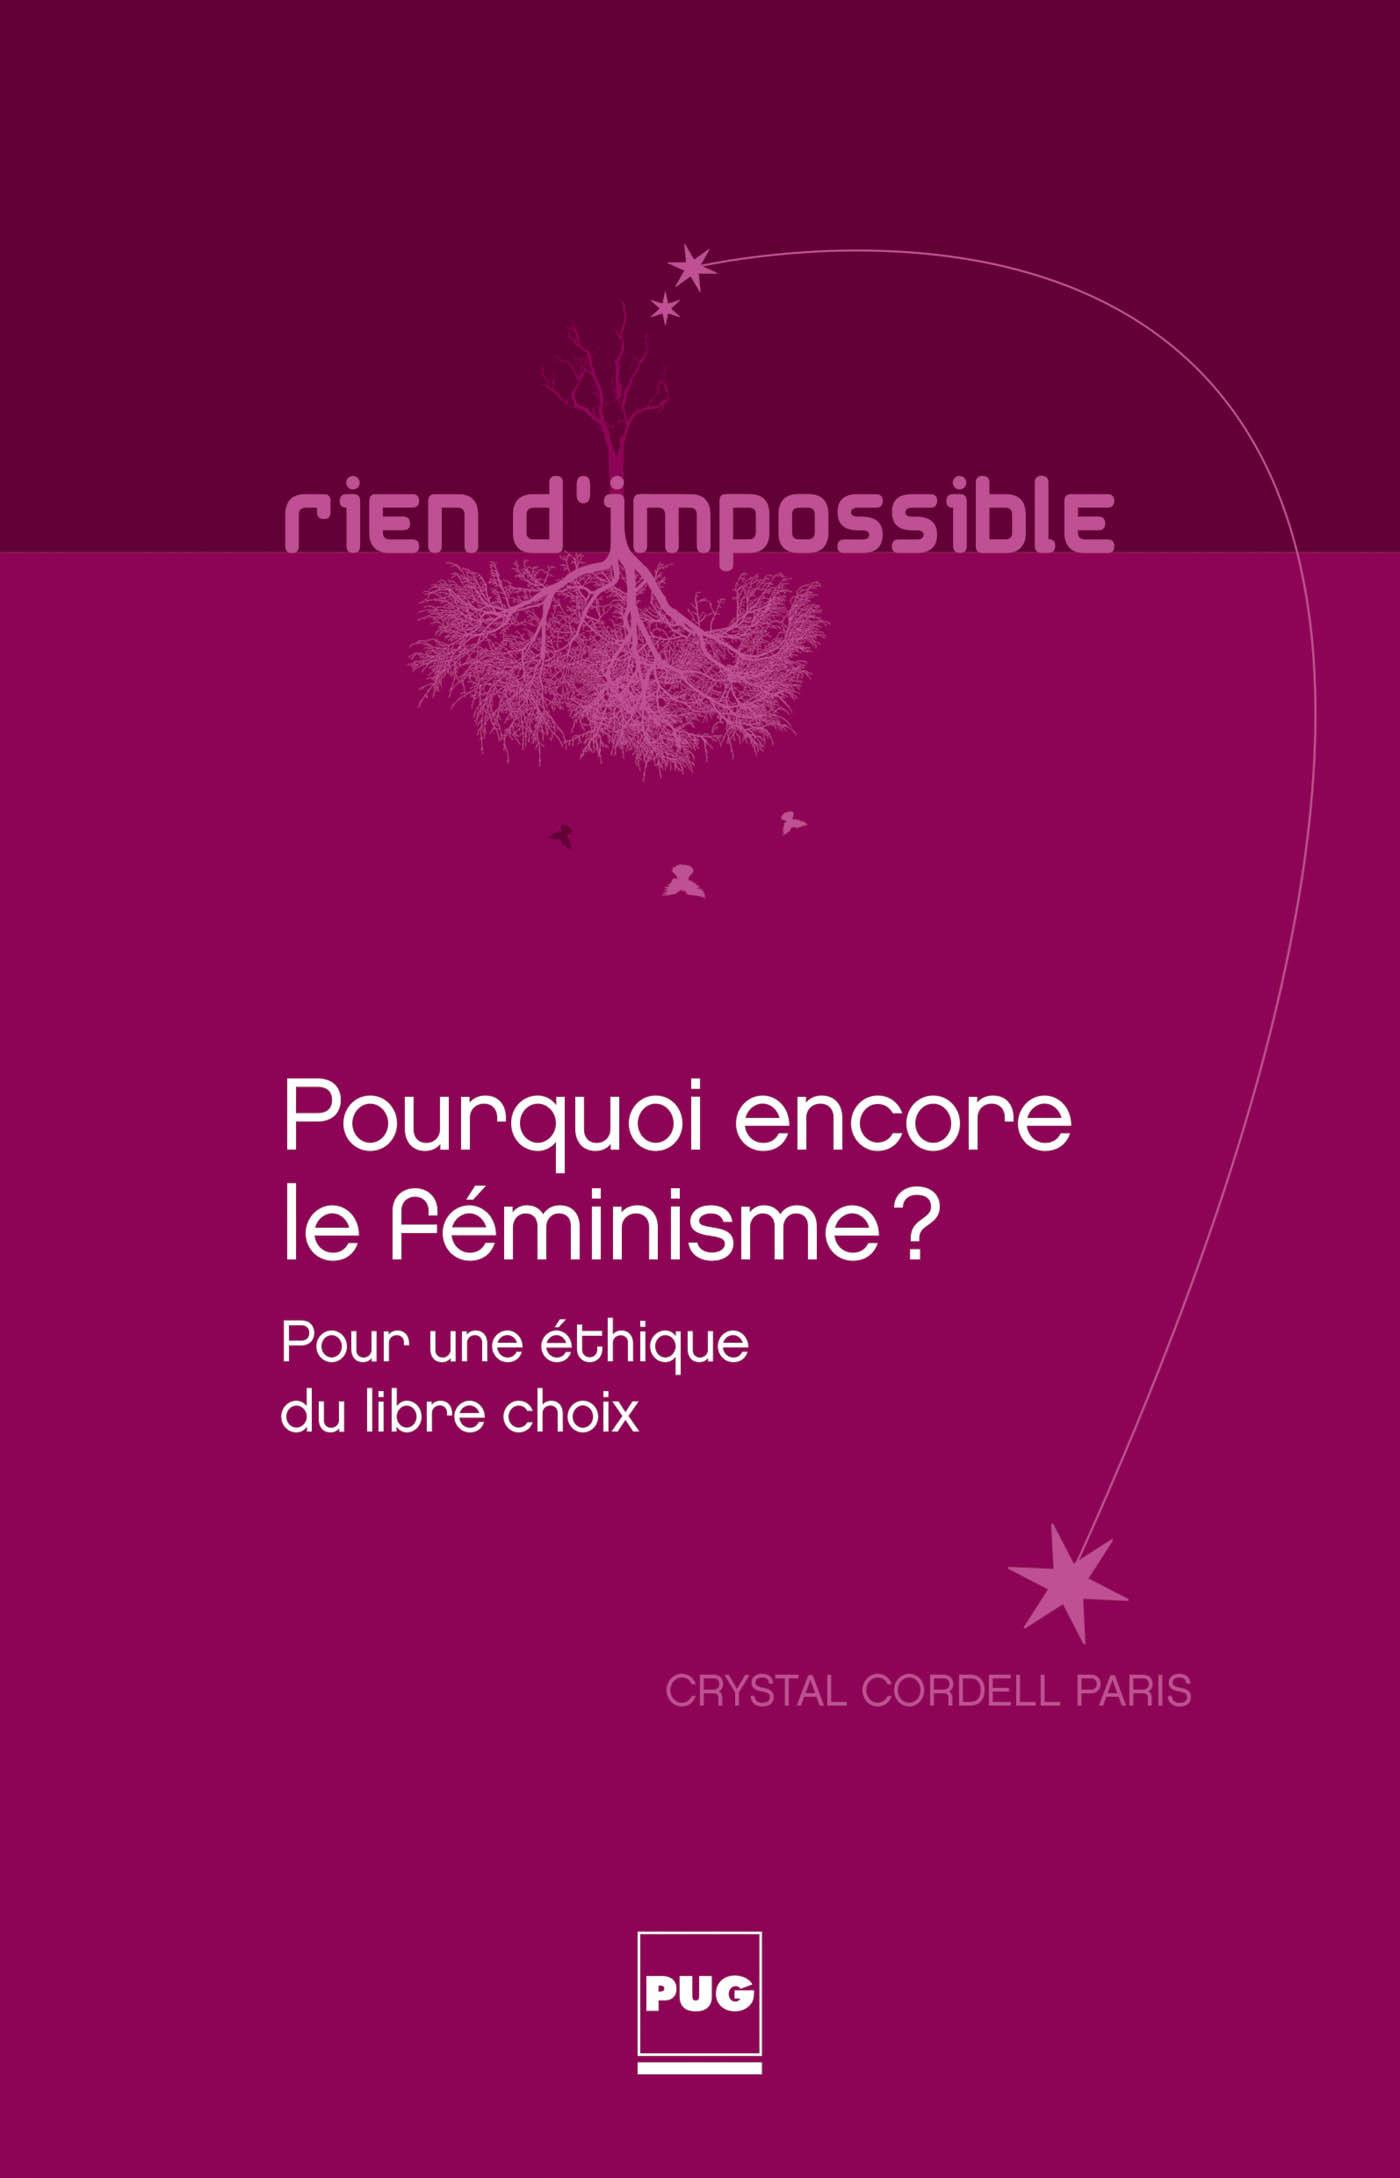 POURQUOI ENCORE LE FEMINISME